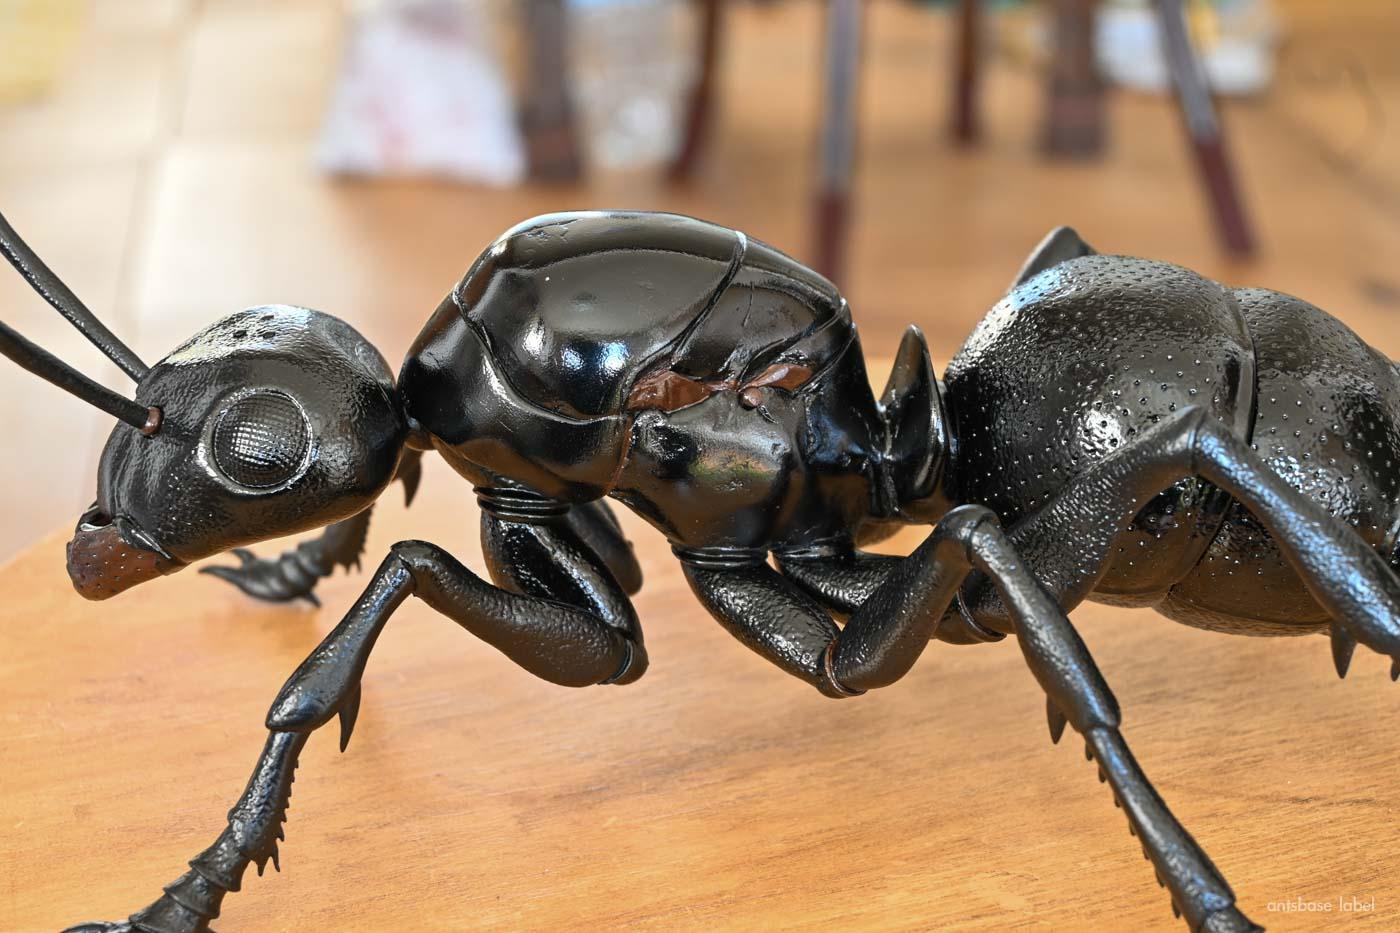 アントマンの蟻フィギュアを改造!リアルな女王アリの模型にしてみた